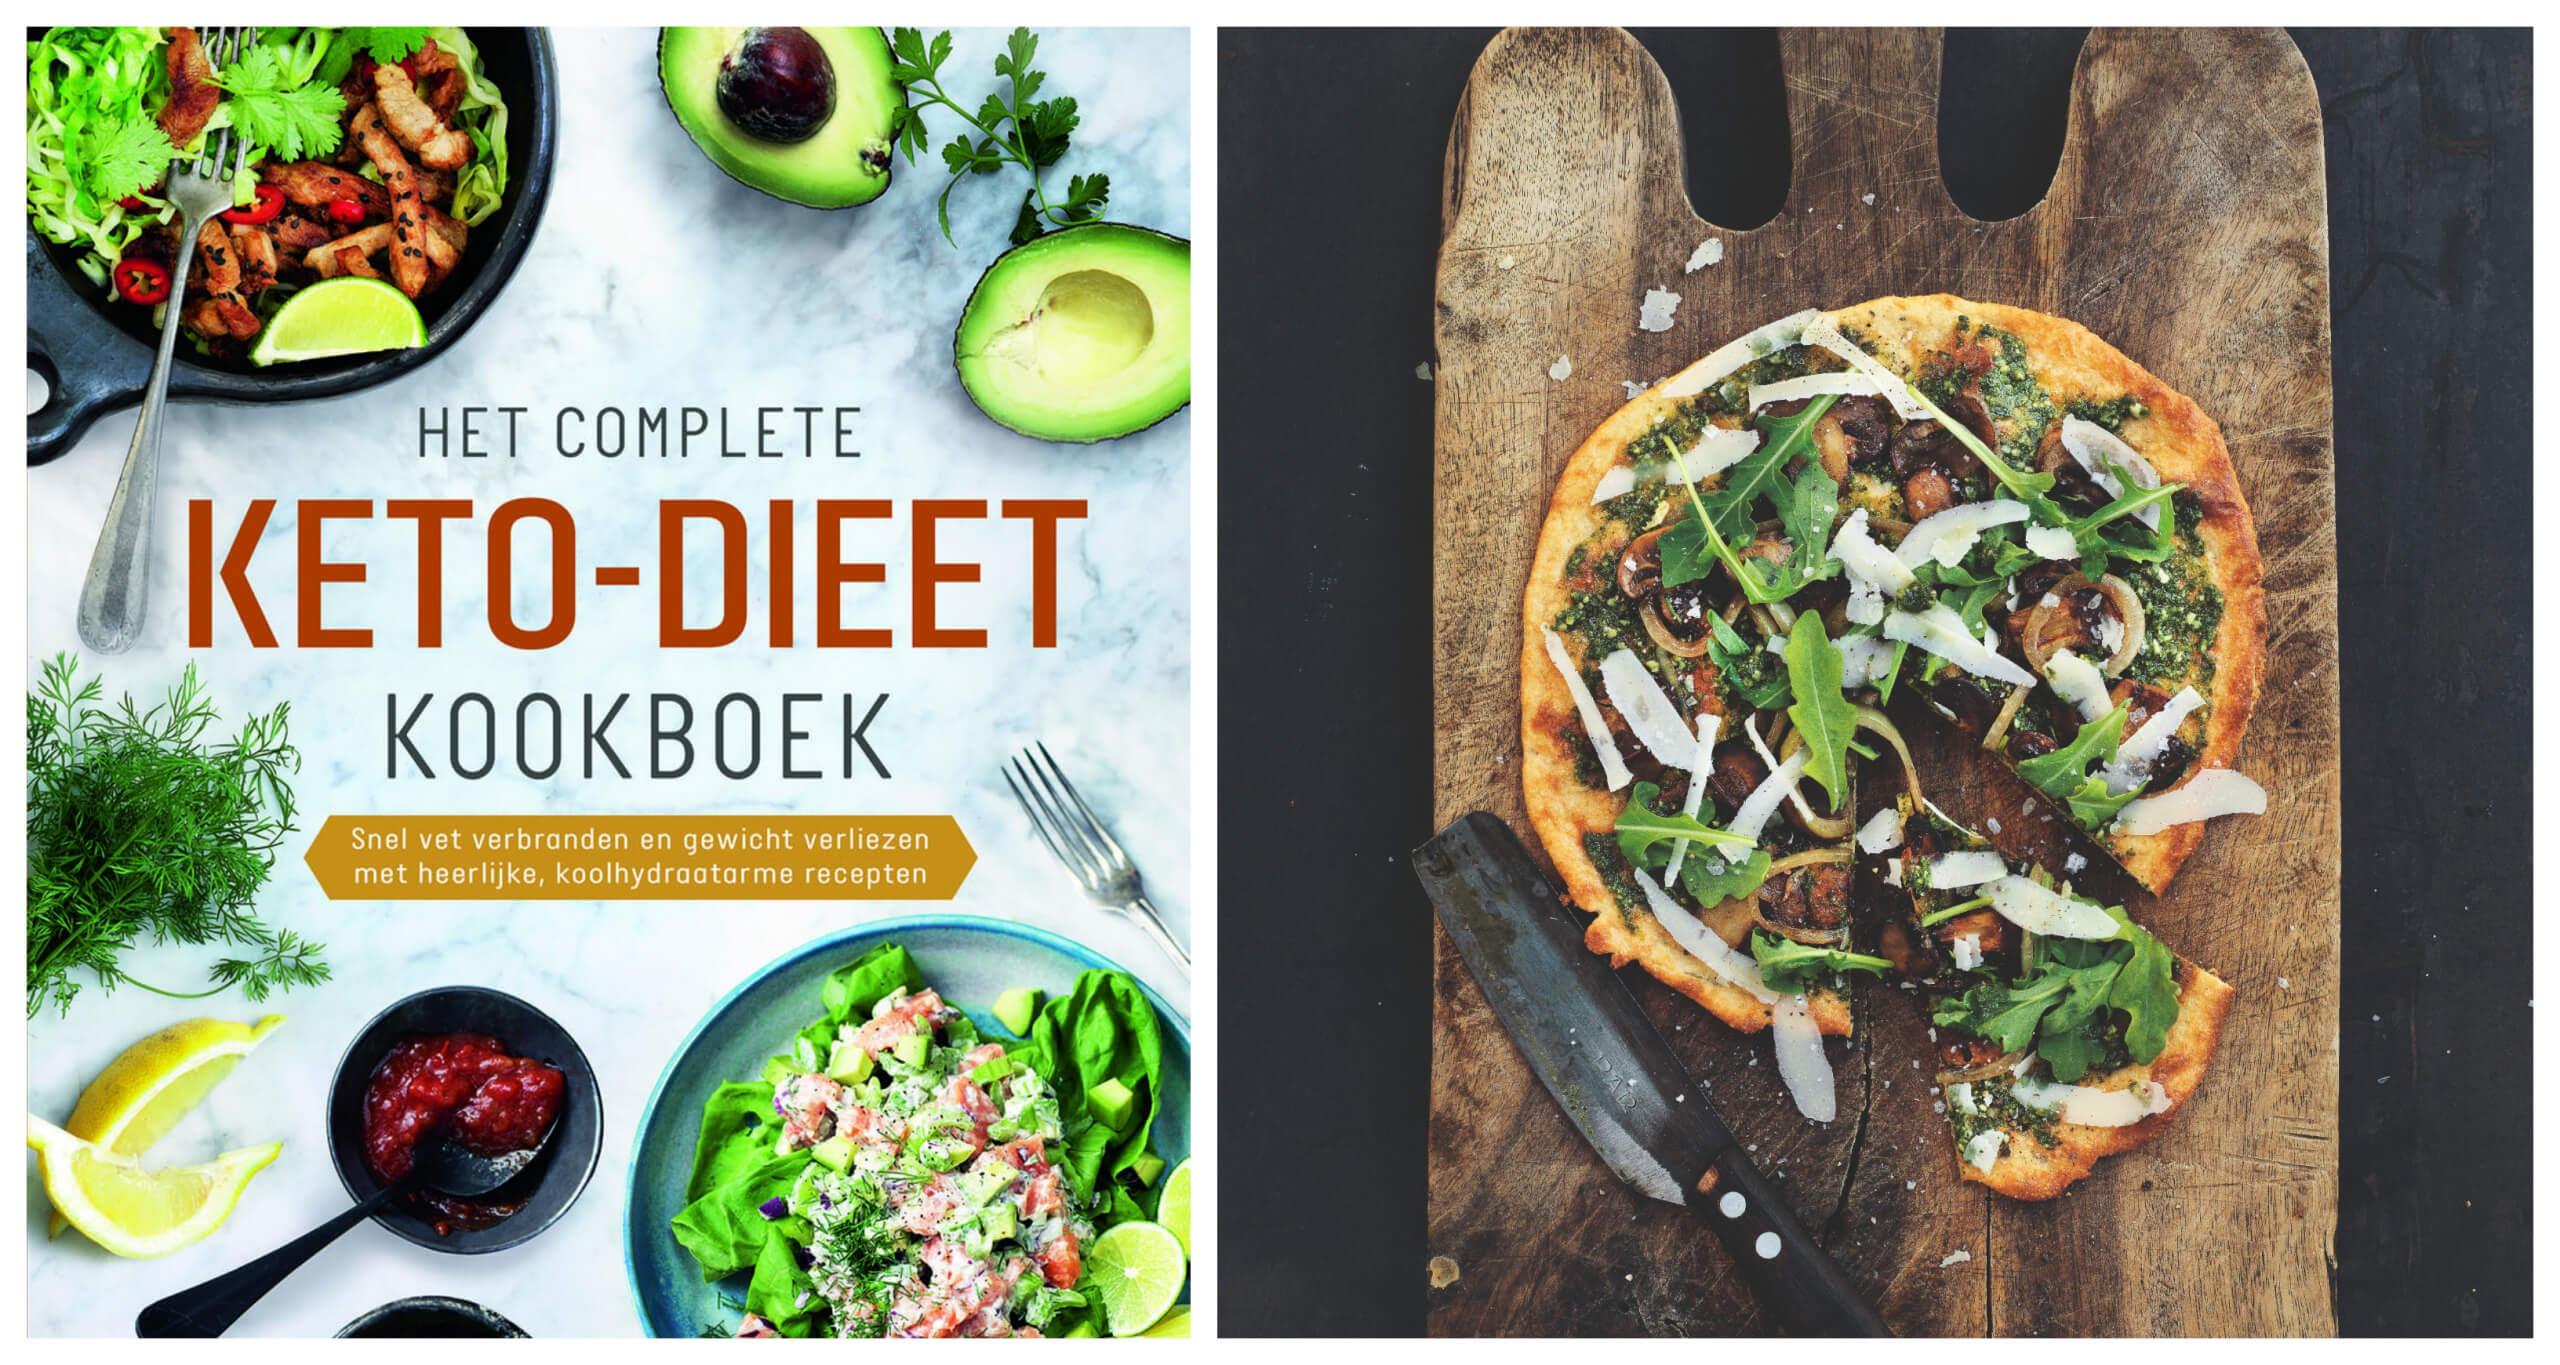 REVIEW: Het complete keto-dieet kookboek